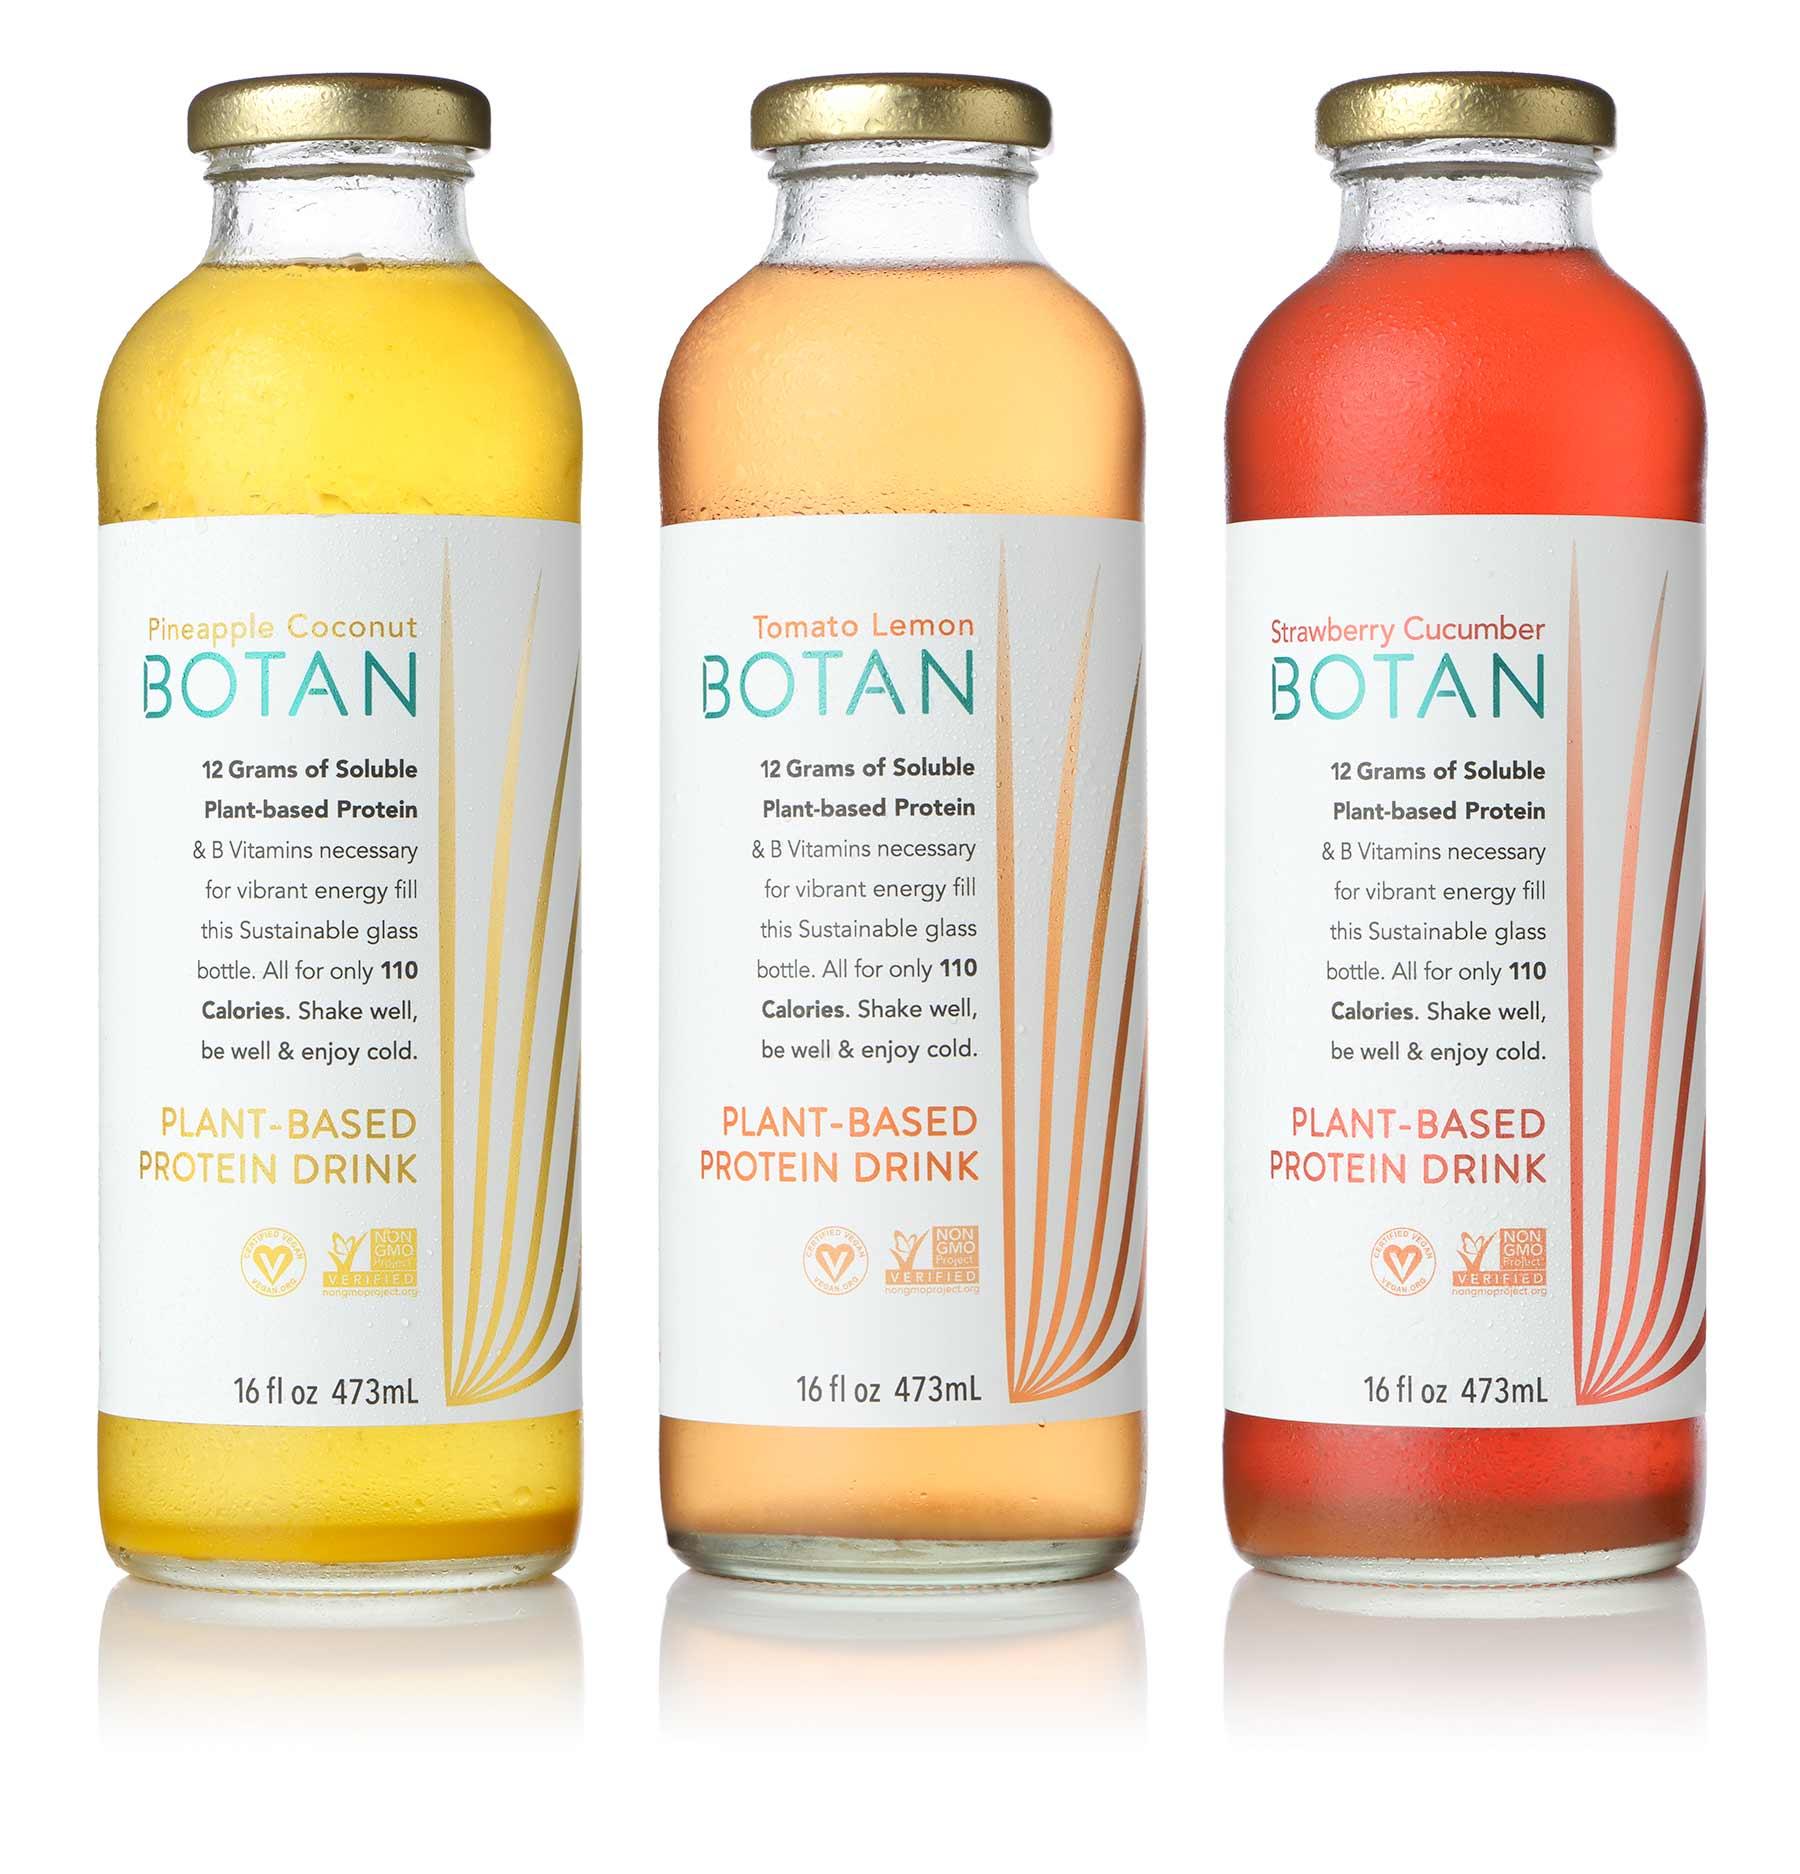 botan-bottles-1310